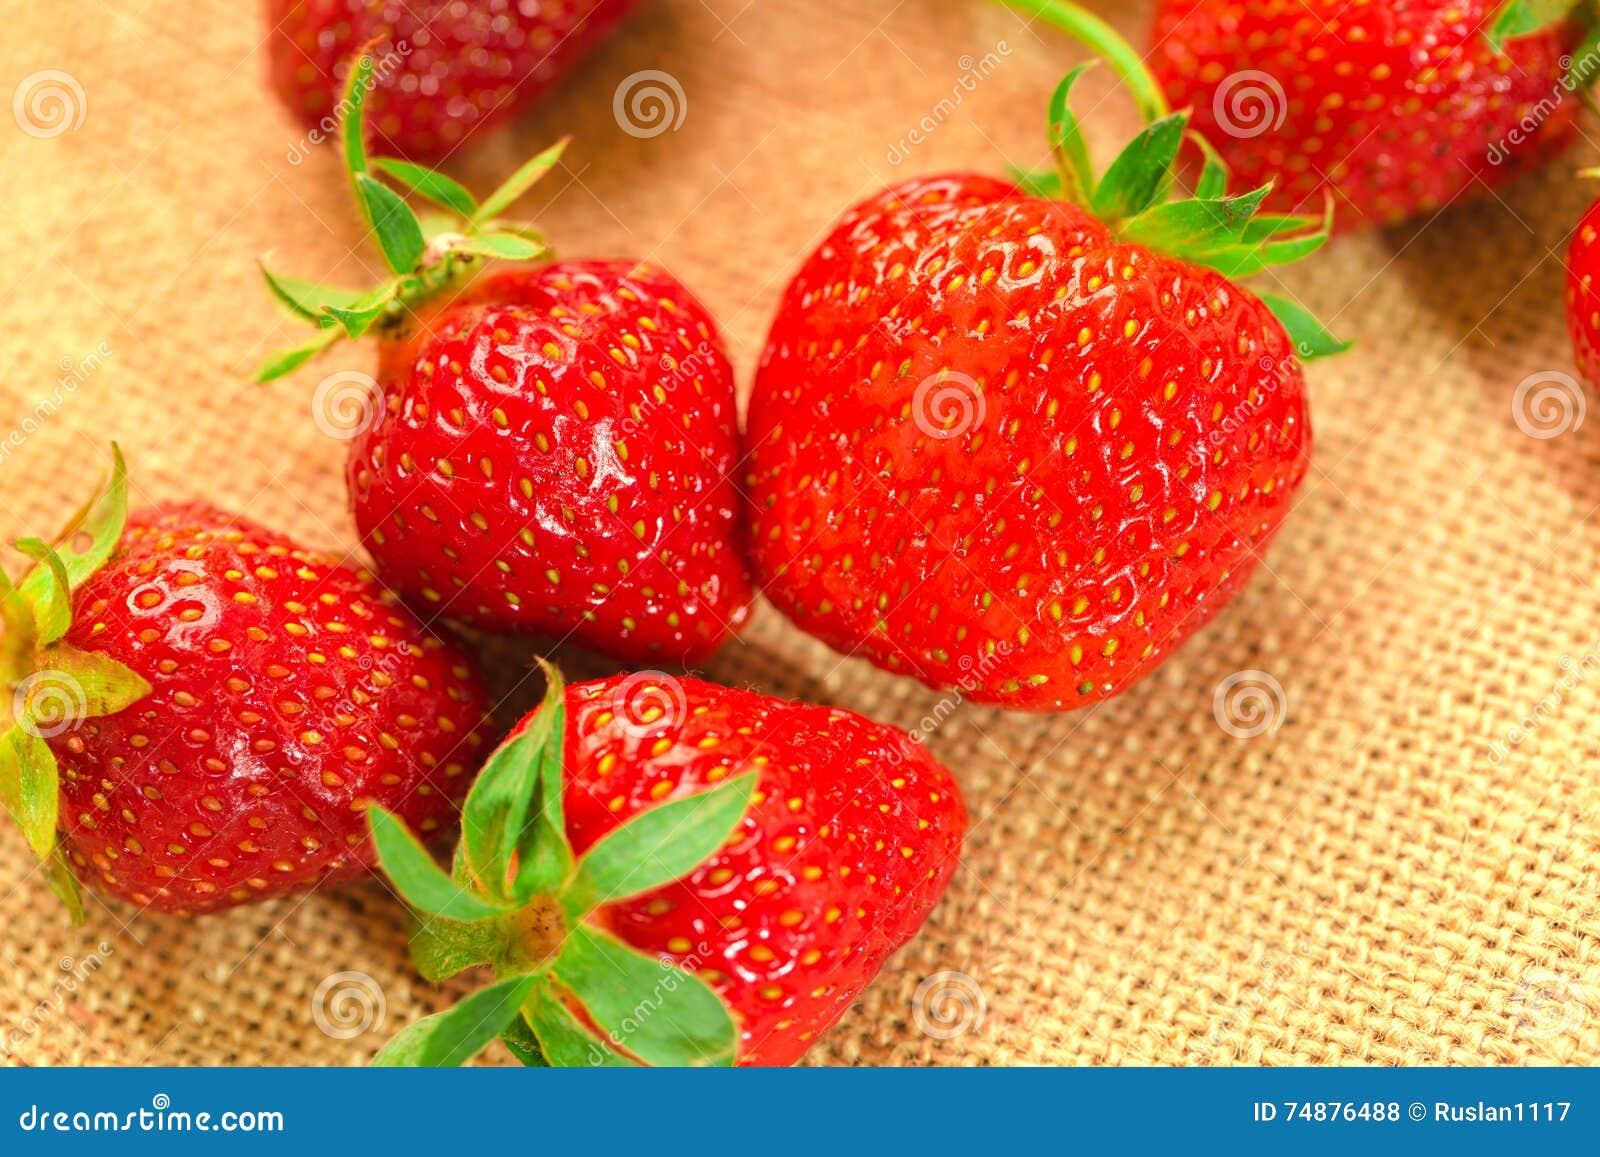 Poucas bagas com morangos frescas em uma tela